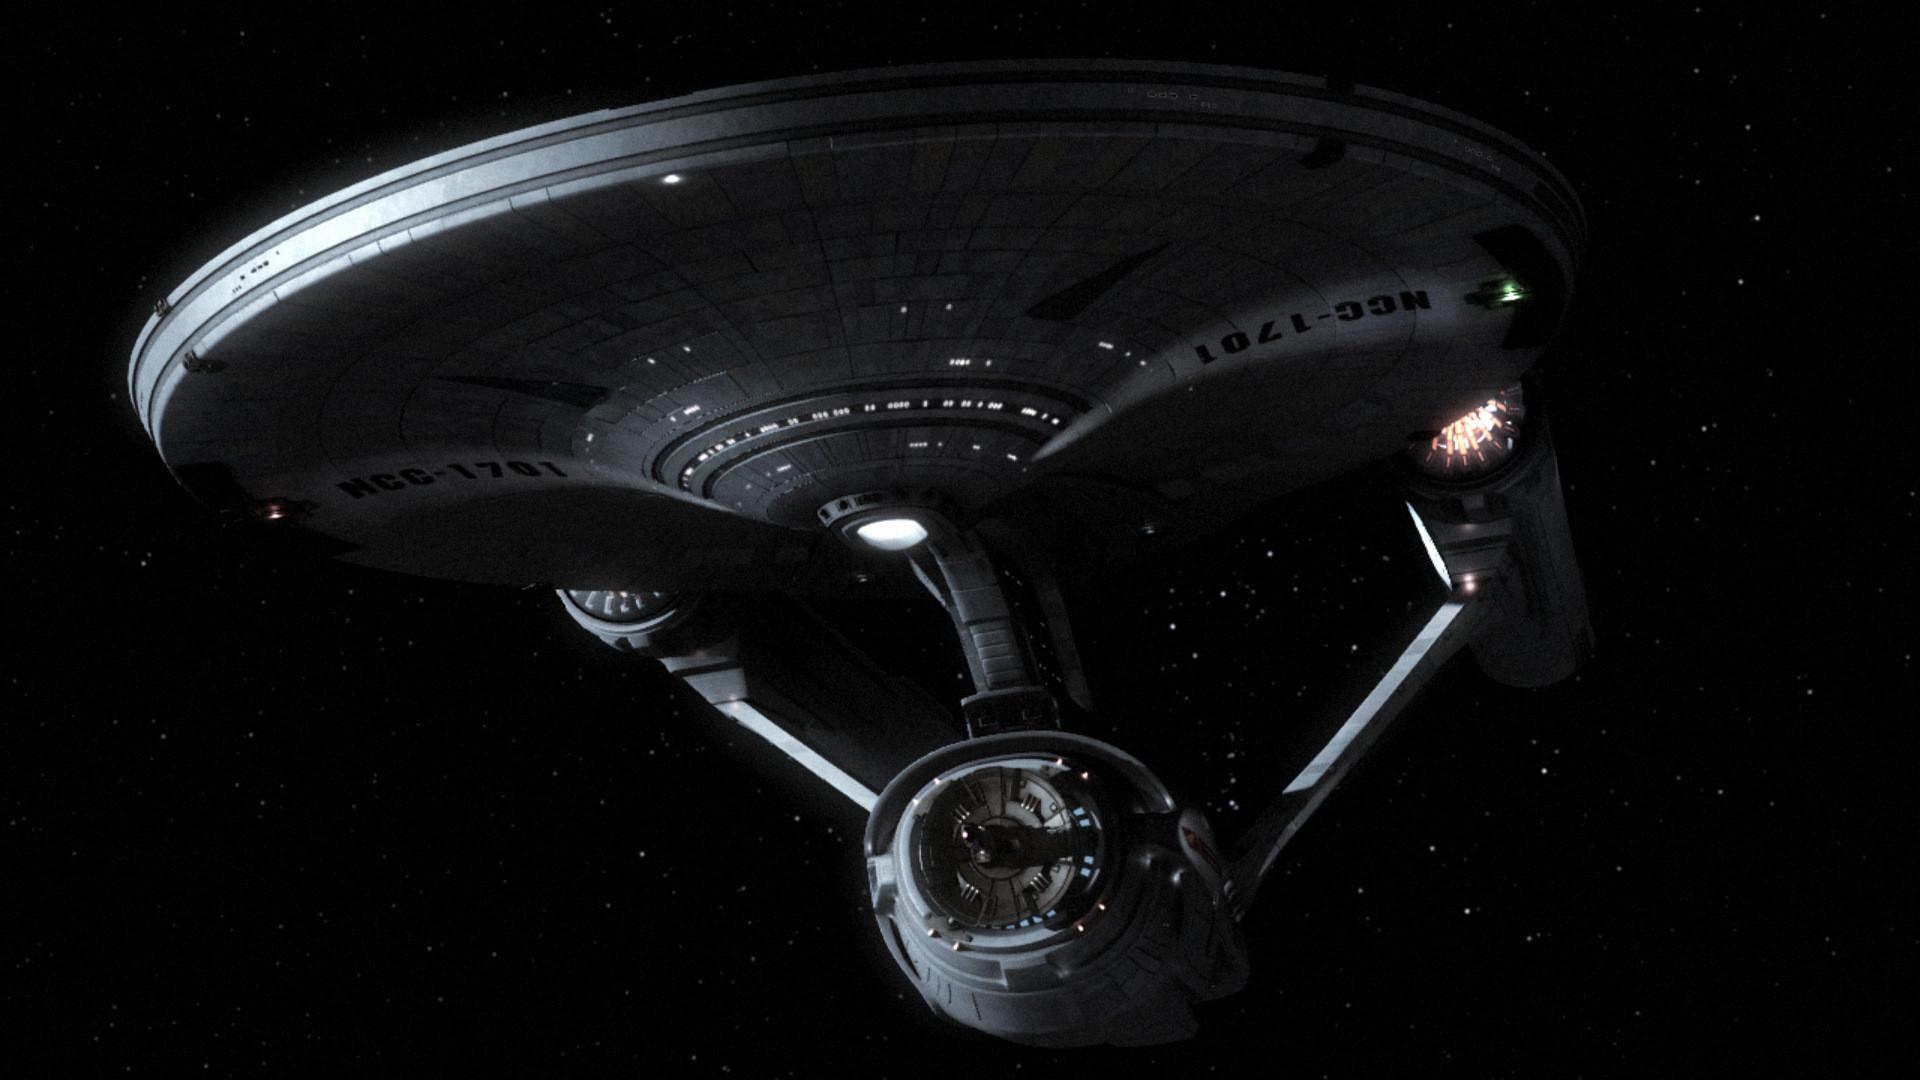 Star Trek Ship Wallpapers: Star Trek Uss Enterprise Wallpaper (66+ Images